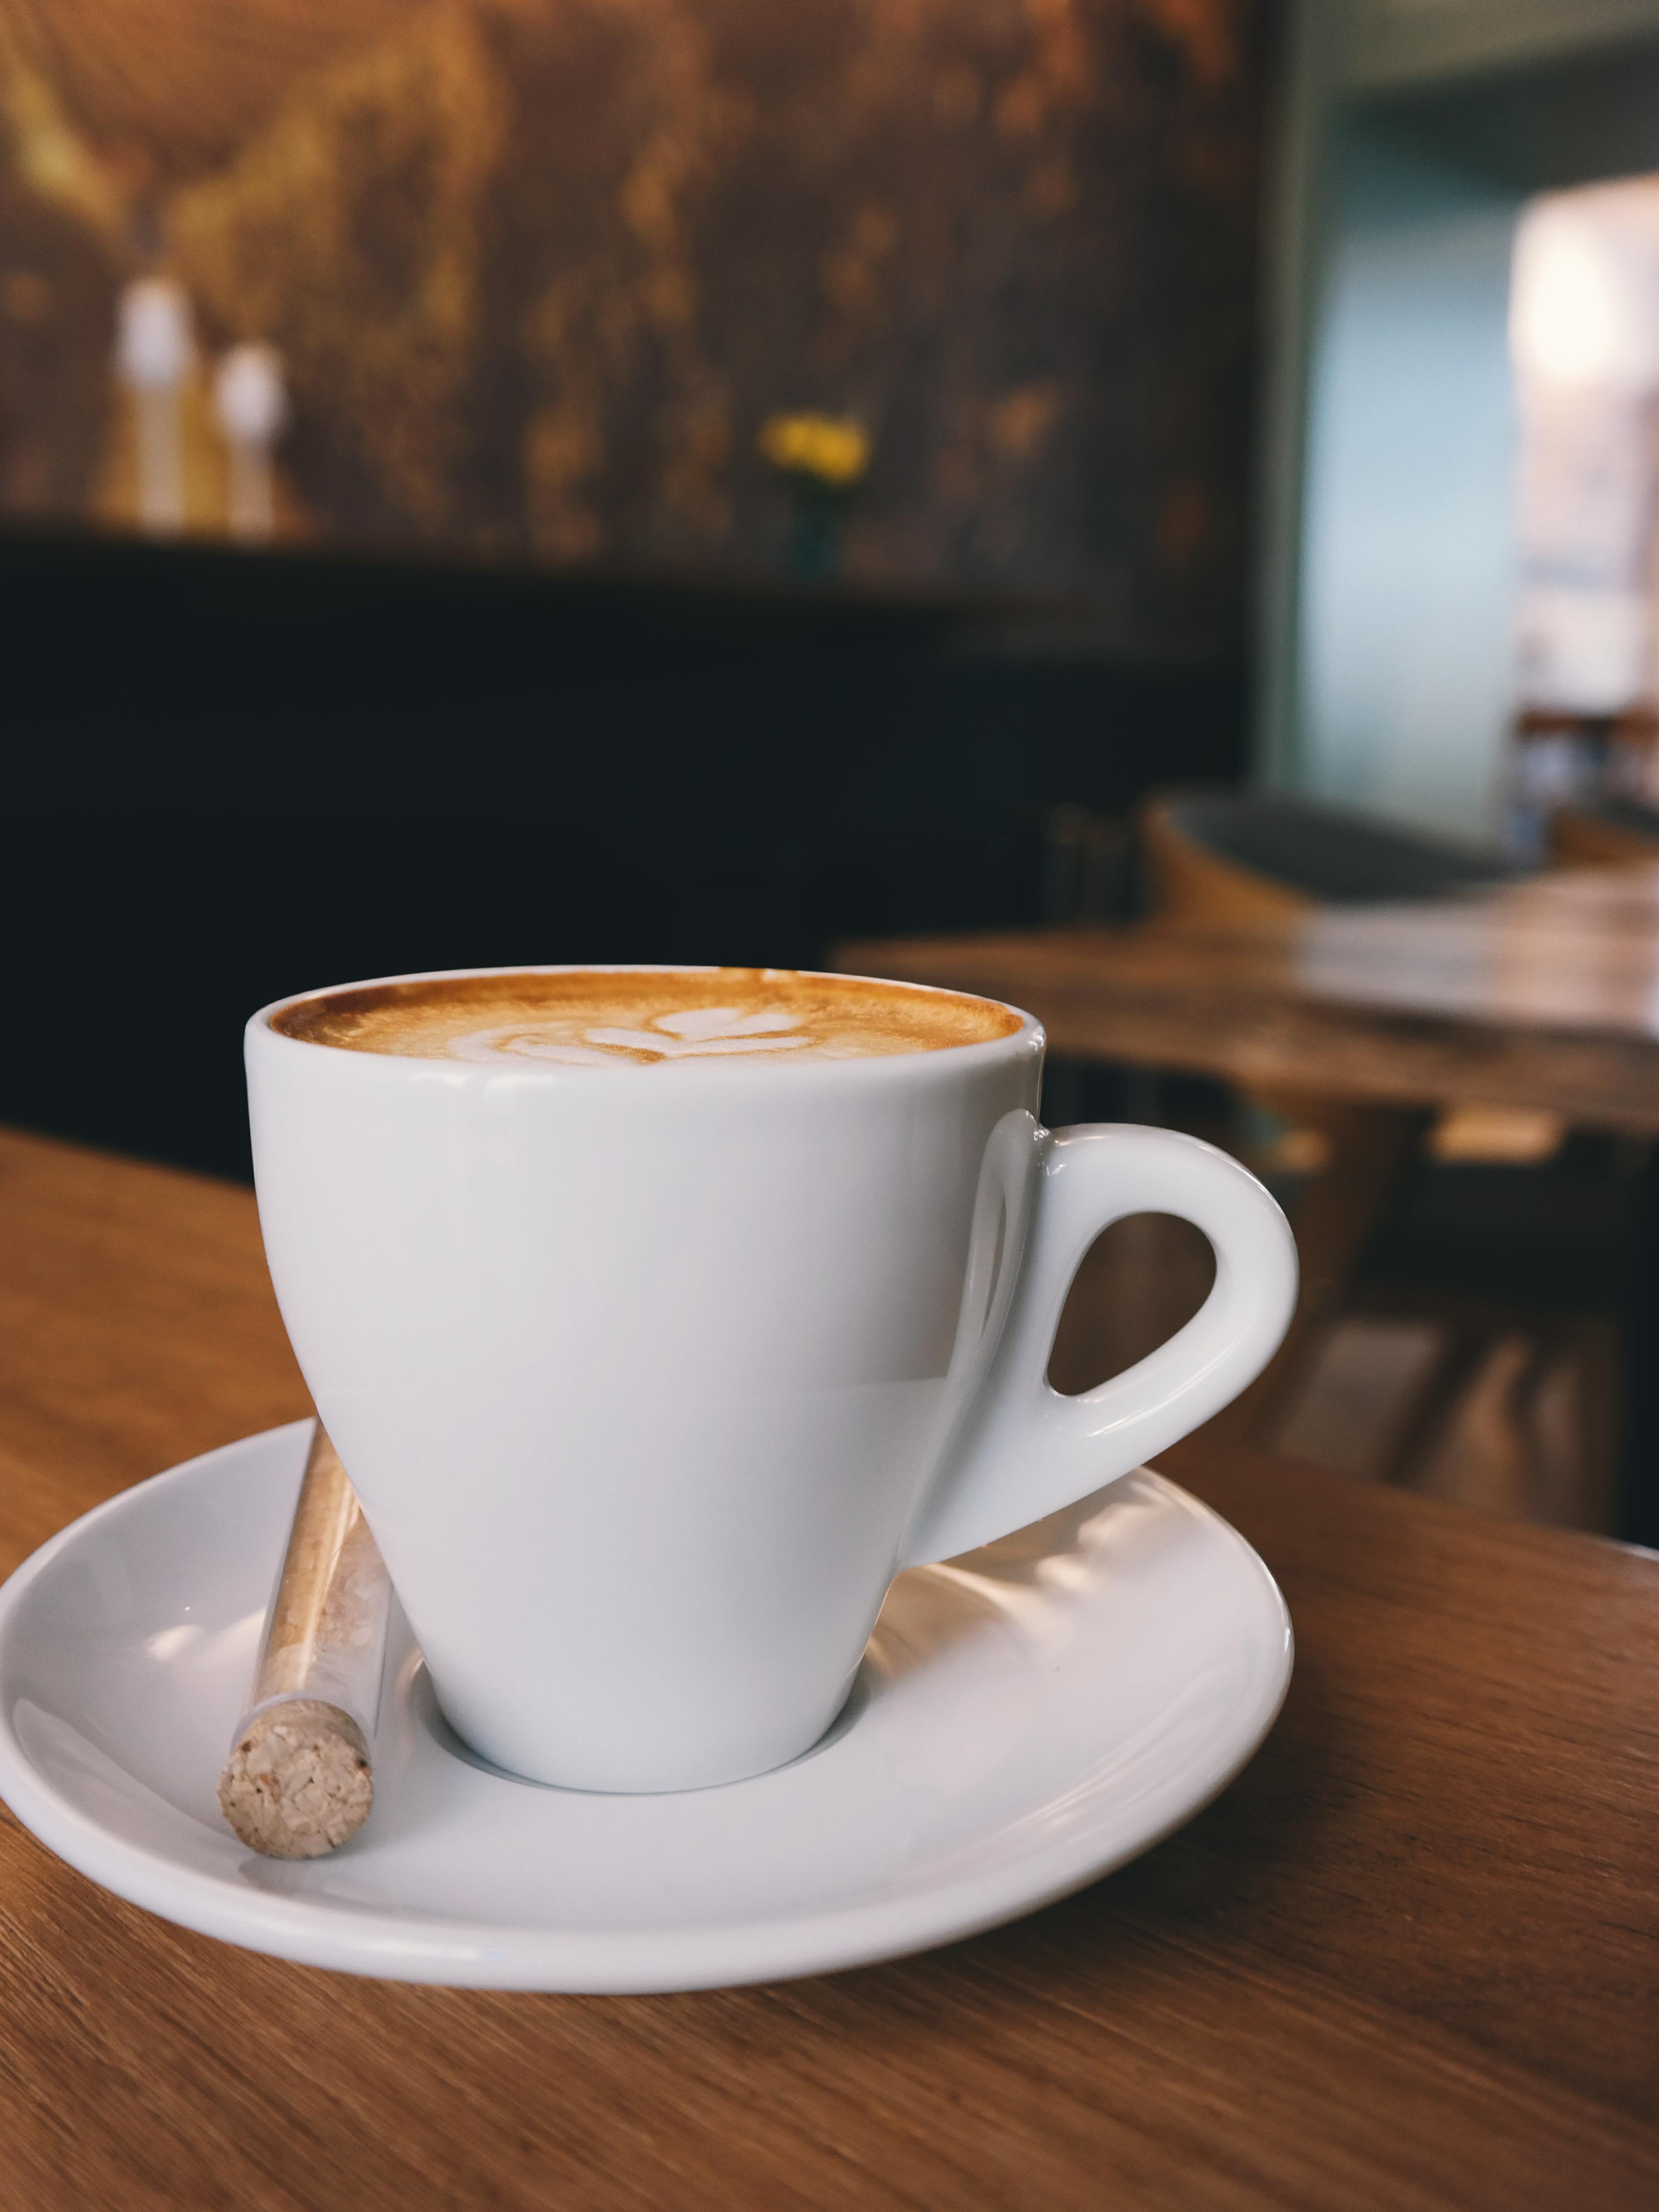 амулет, как фото утреннего кофе на столе прикреплены поясу